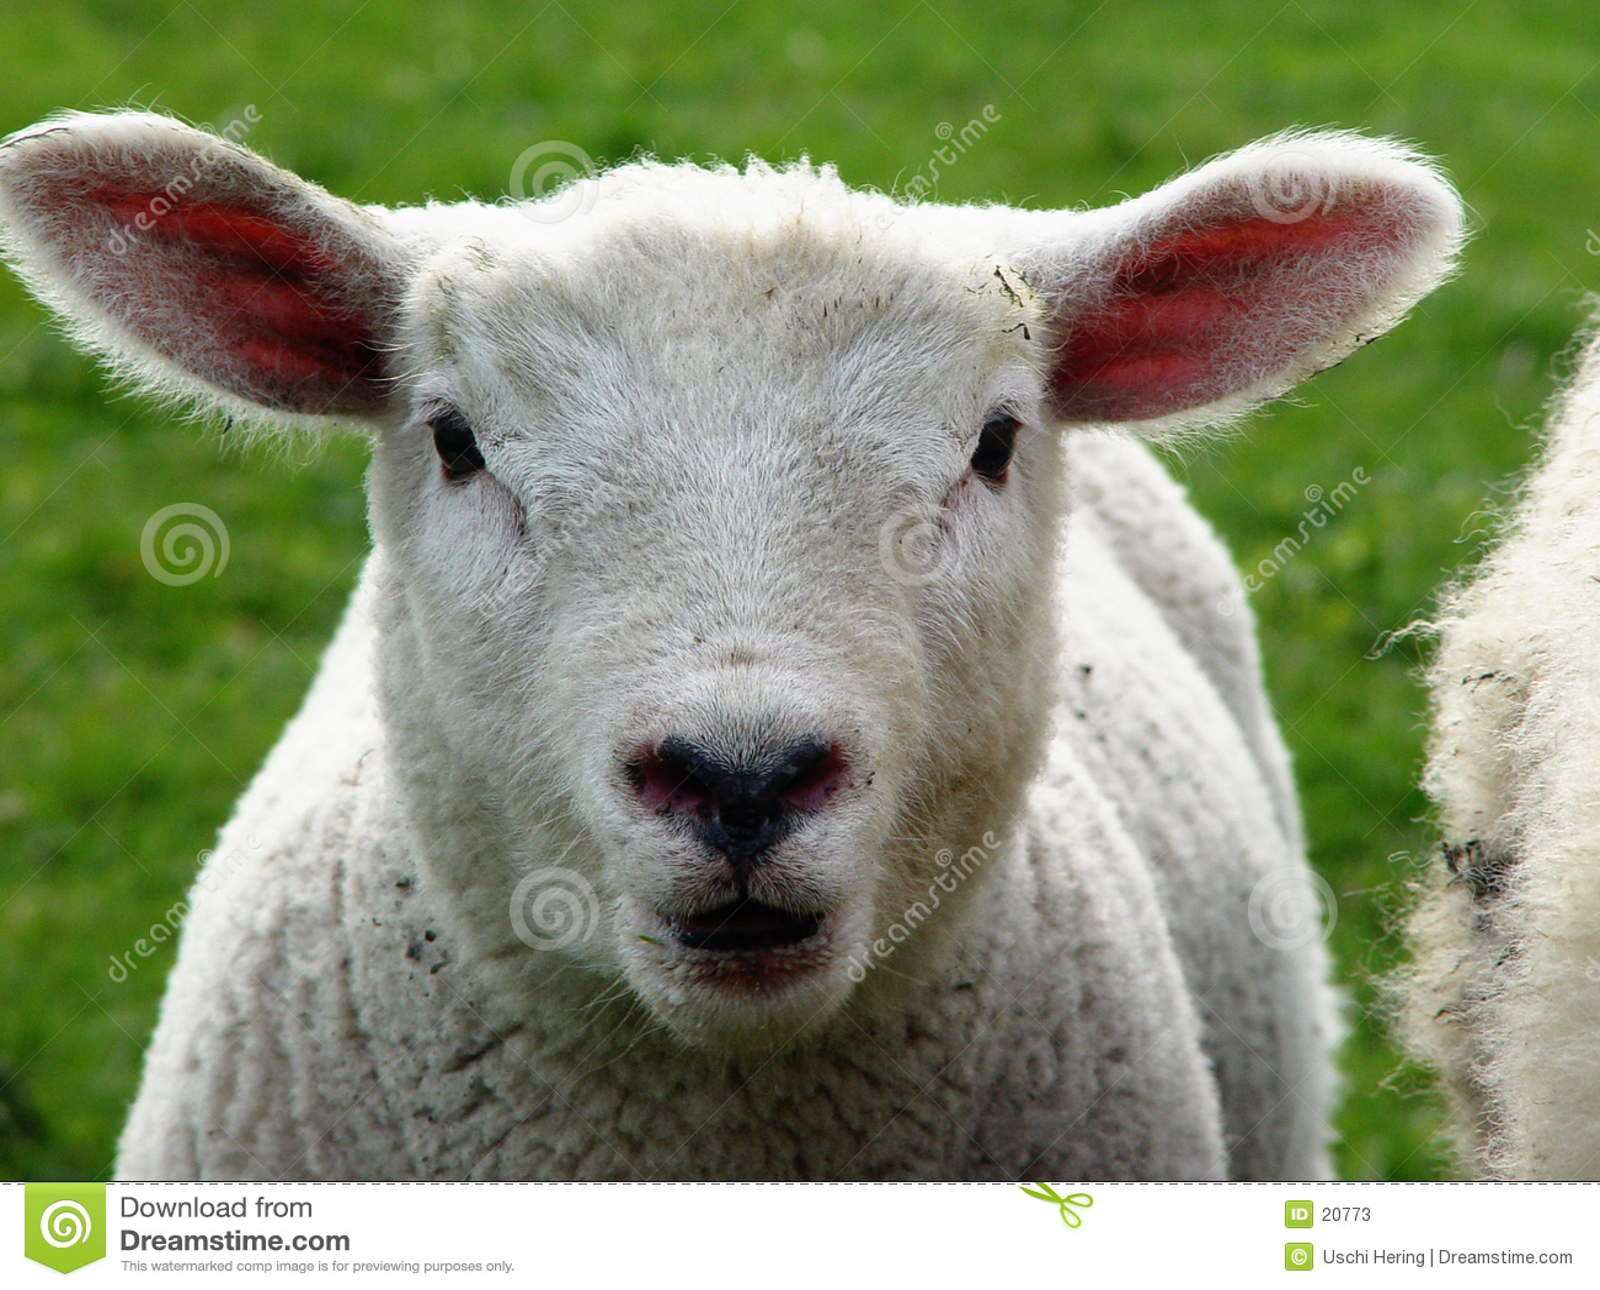 Lamb oh